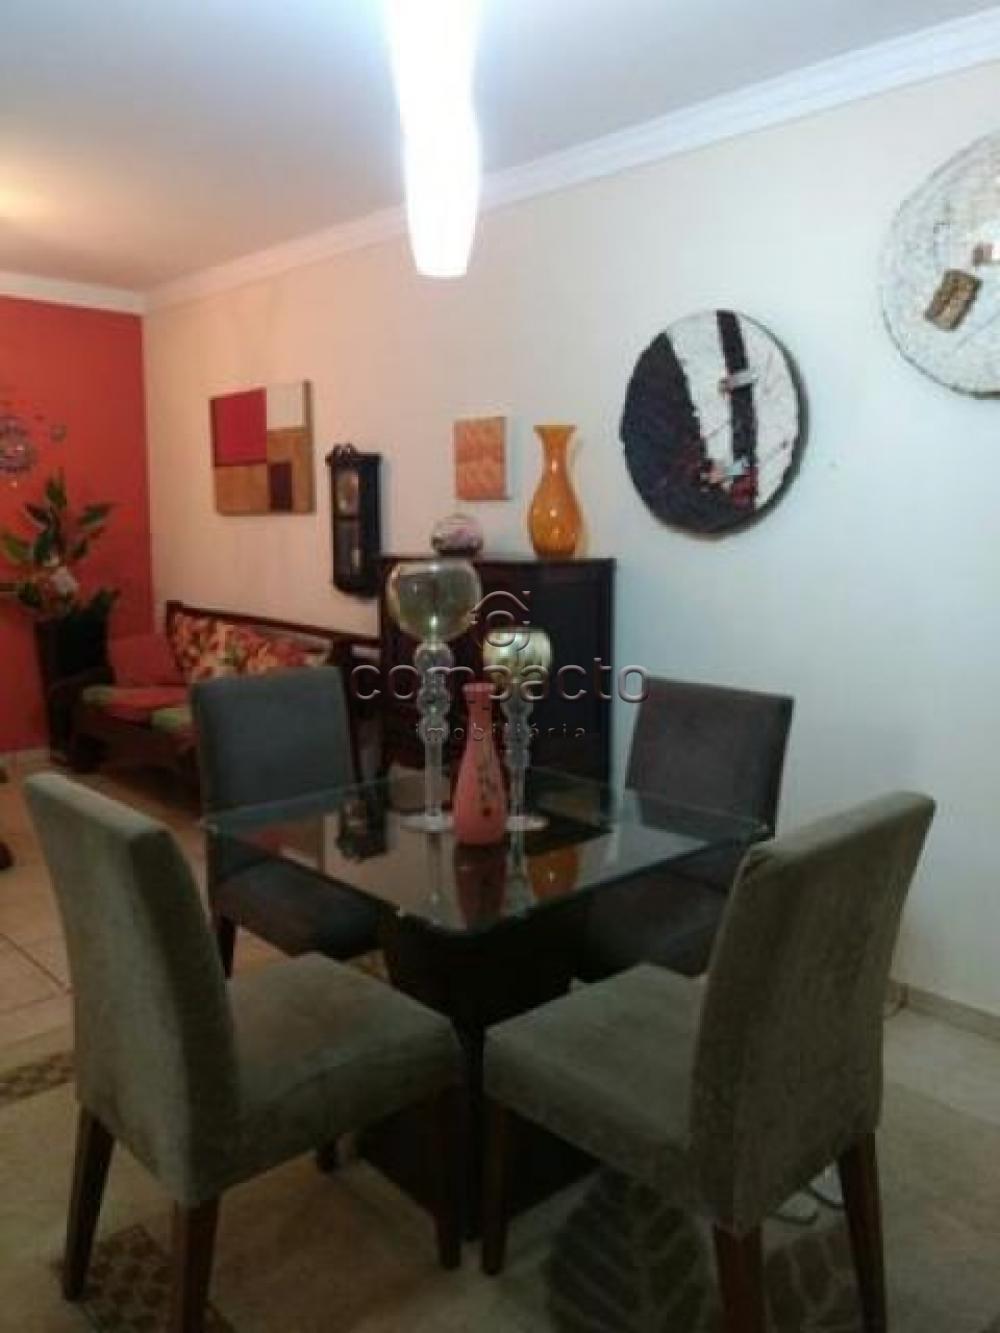 Comprar Casa / Condomínio em São José do Rio Preto apenas R$ 380.000,00 - Foto 8